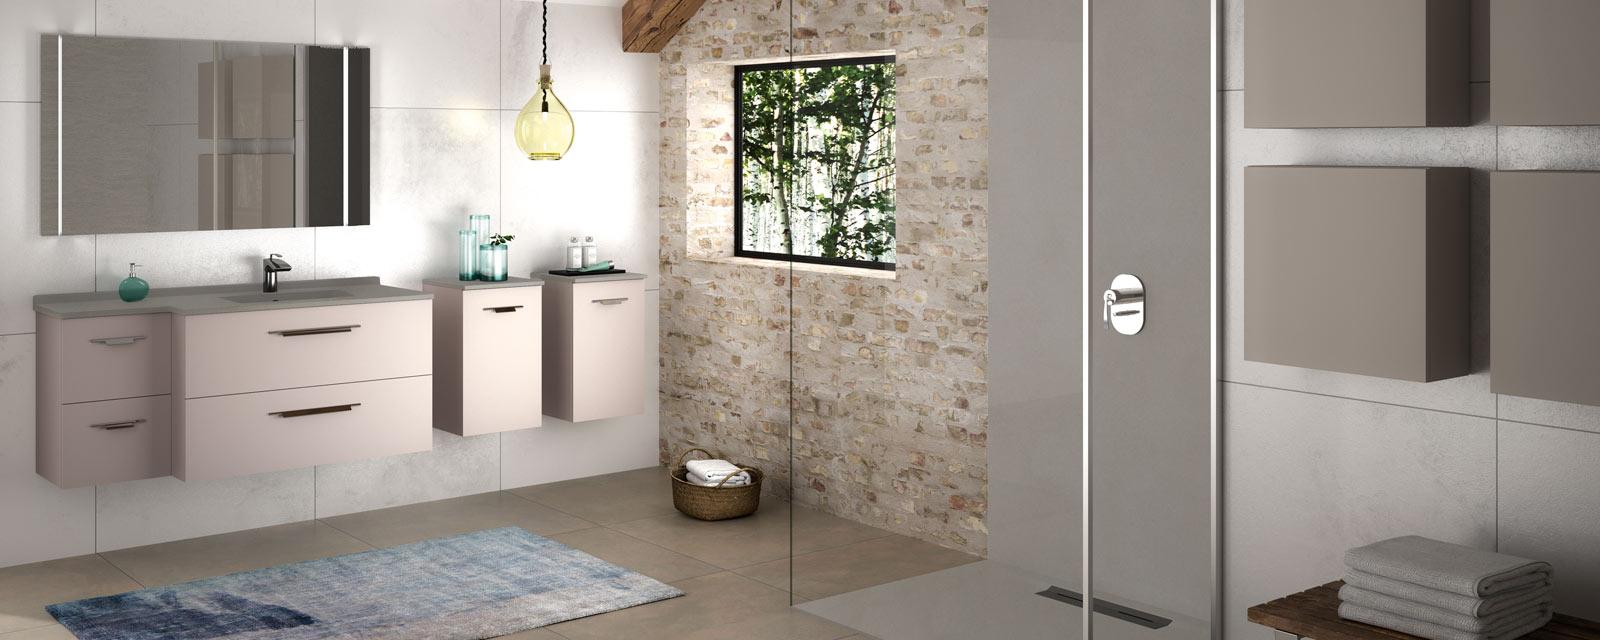 Design Aubade Salle De Bain Fougeres